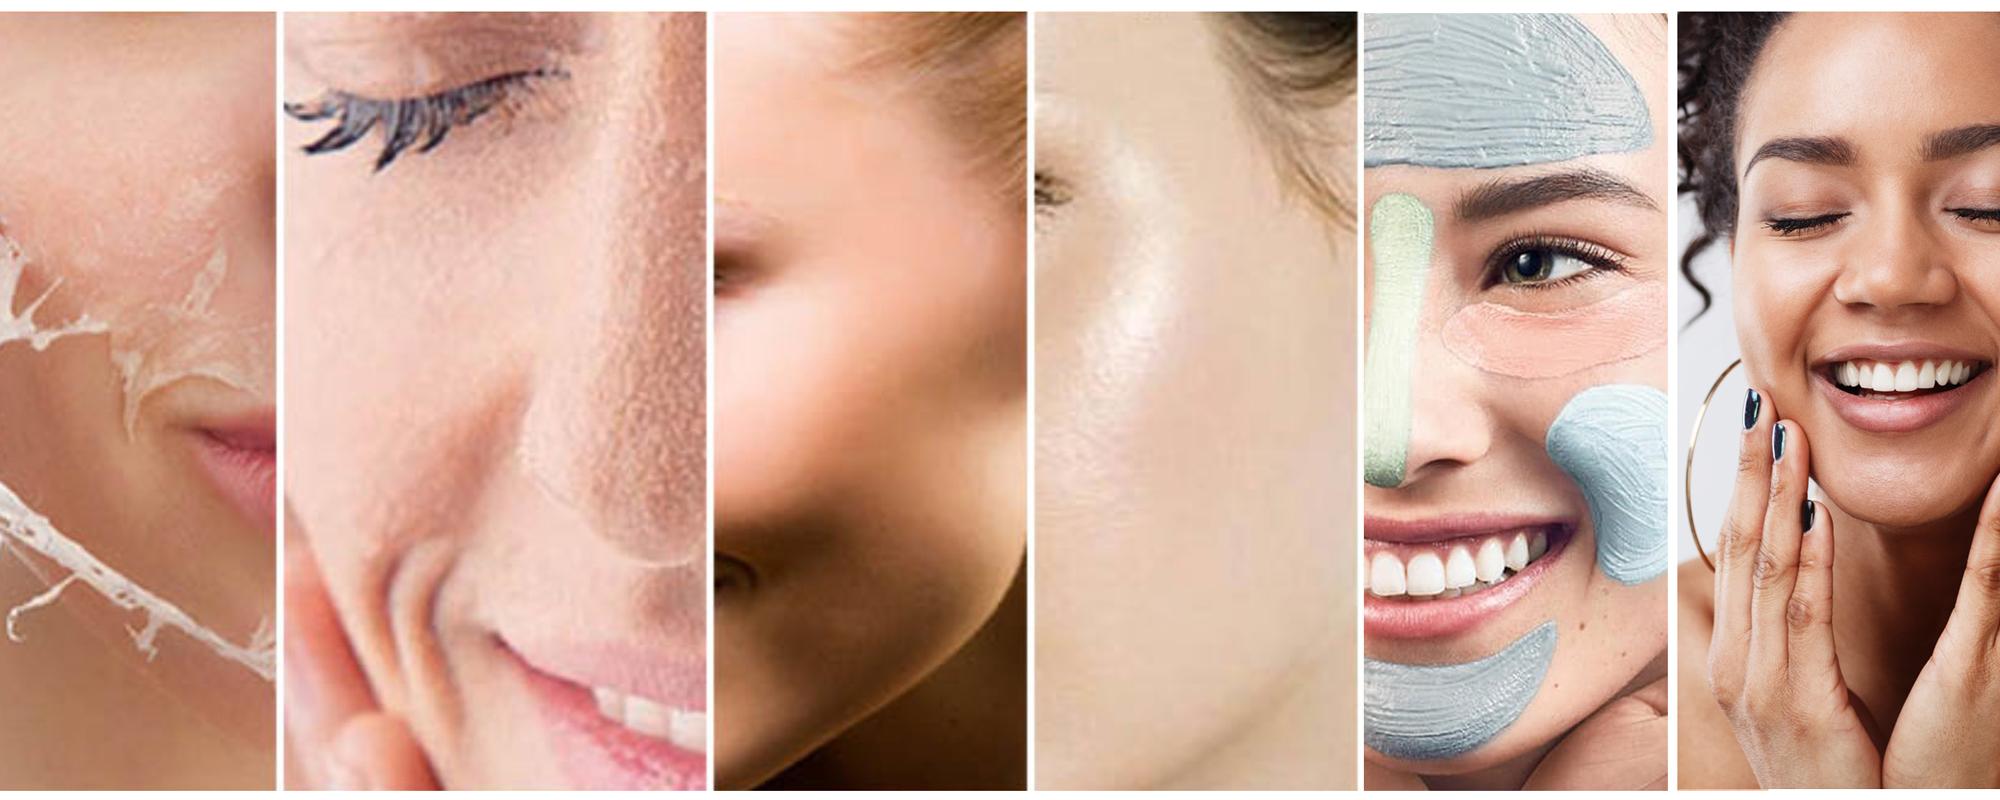 Como cuidar da pele do rosto em 5 passos